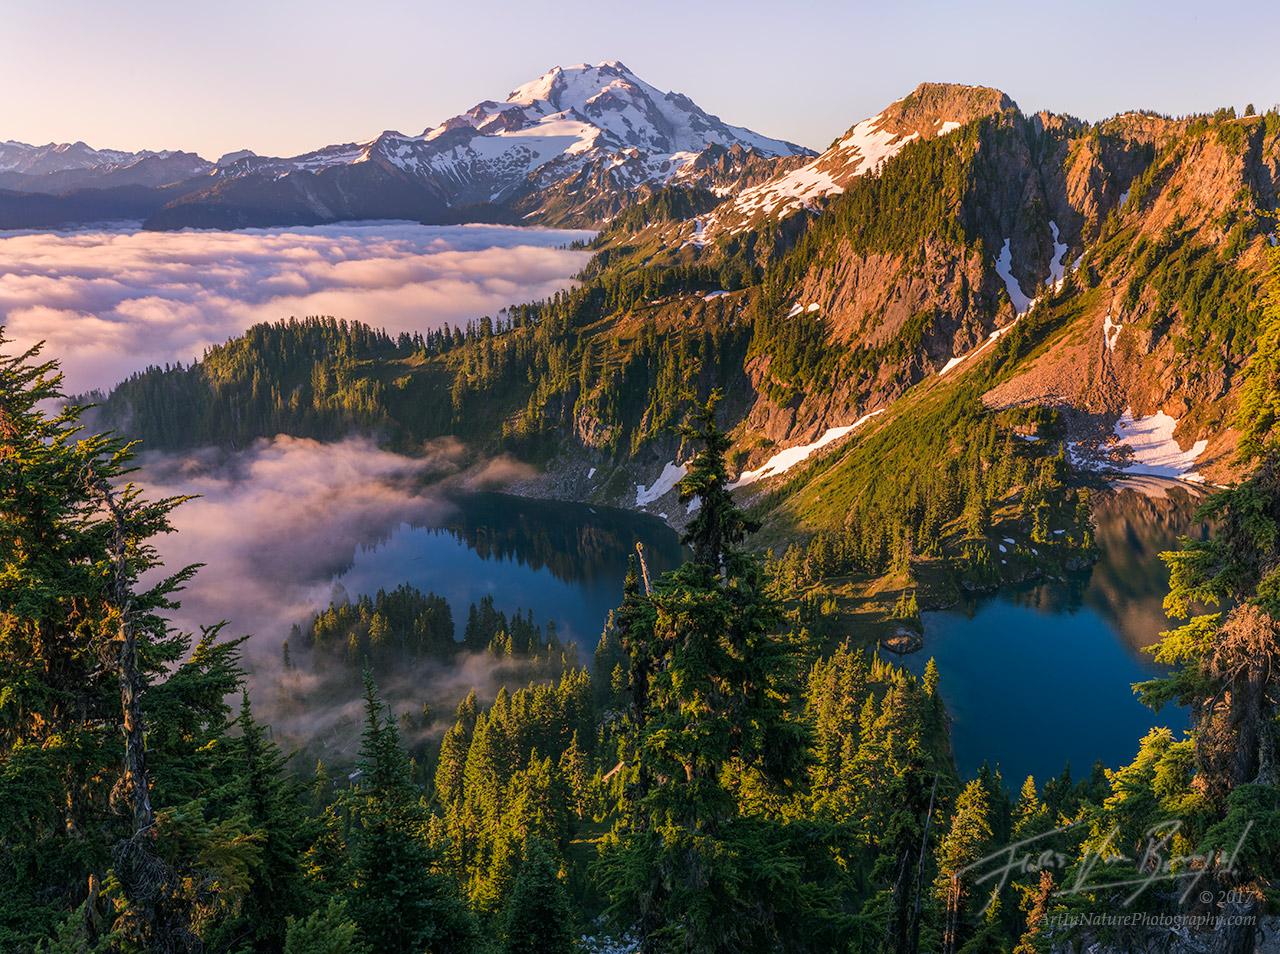 Alpine Lakes, Cascades, Mountains, photo